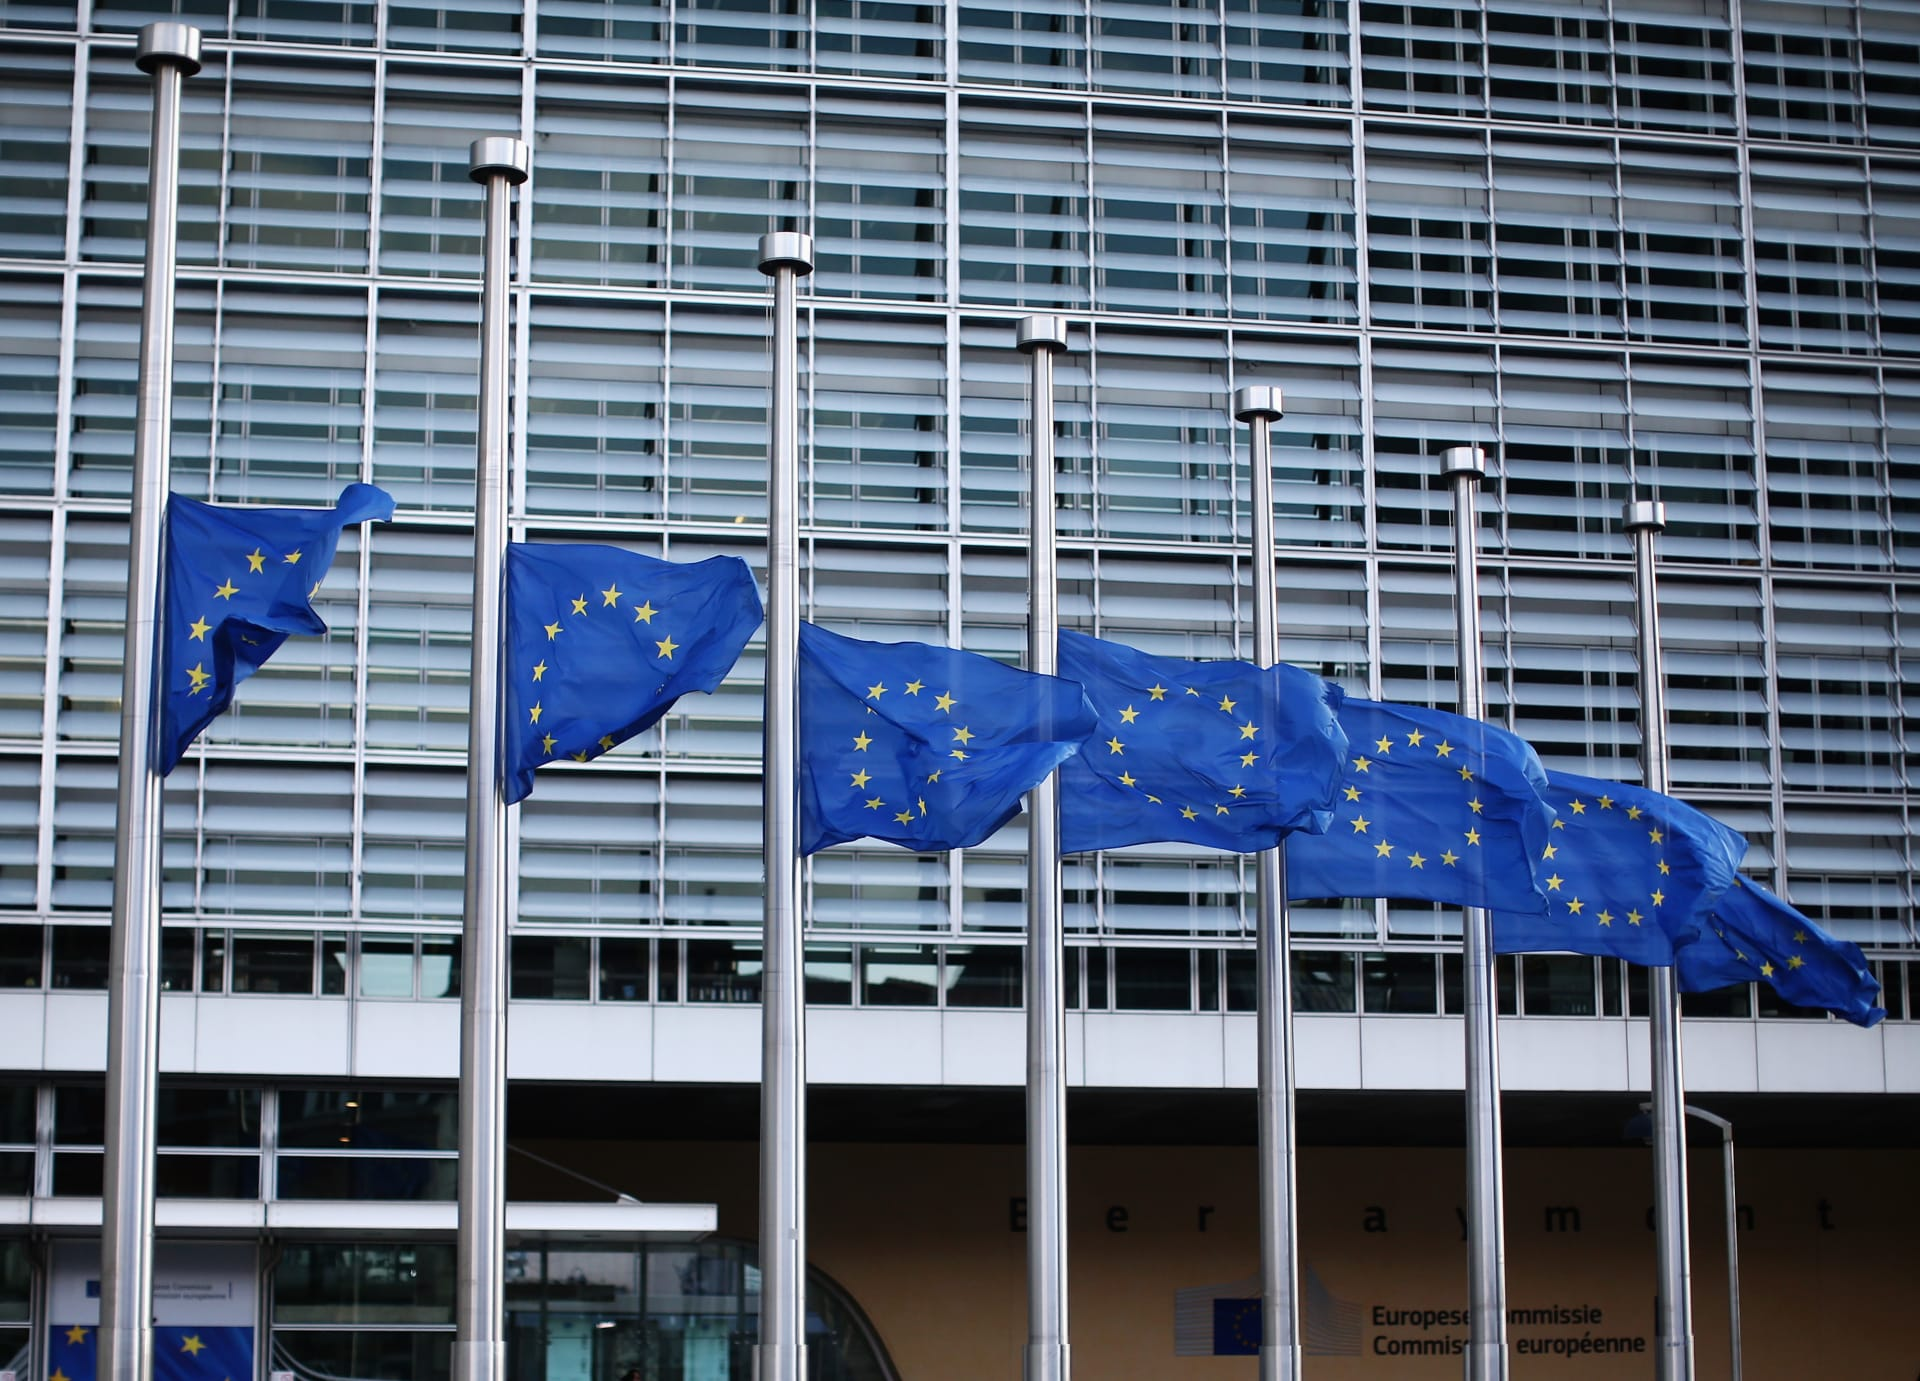 أعلام الاتحاد الأوروبي خارج مقر المفوضية في بروكسل